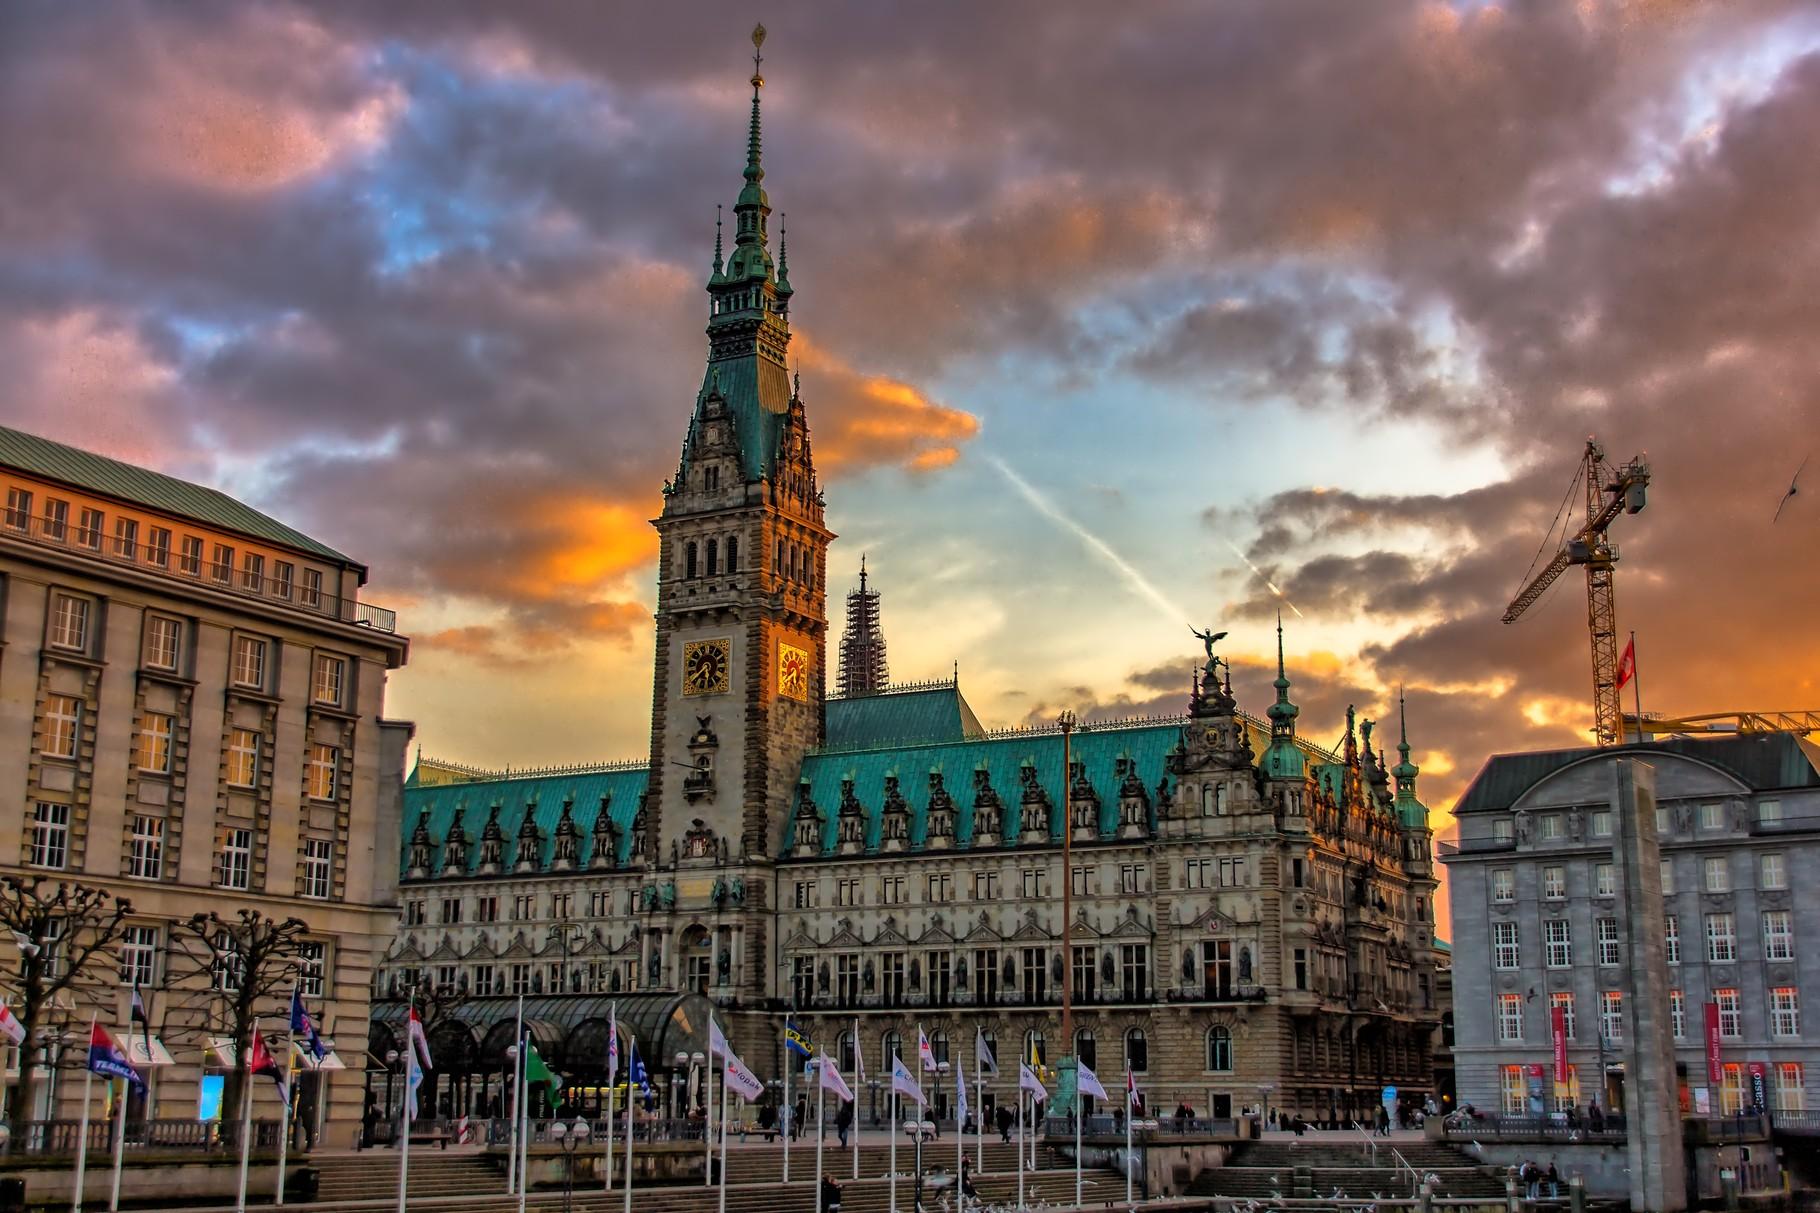 14_Hamburg - Rathaus.